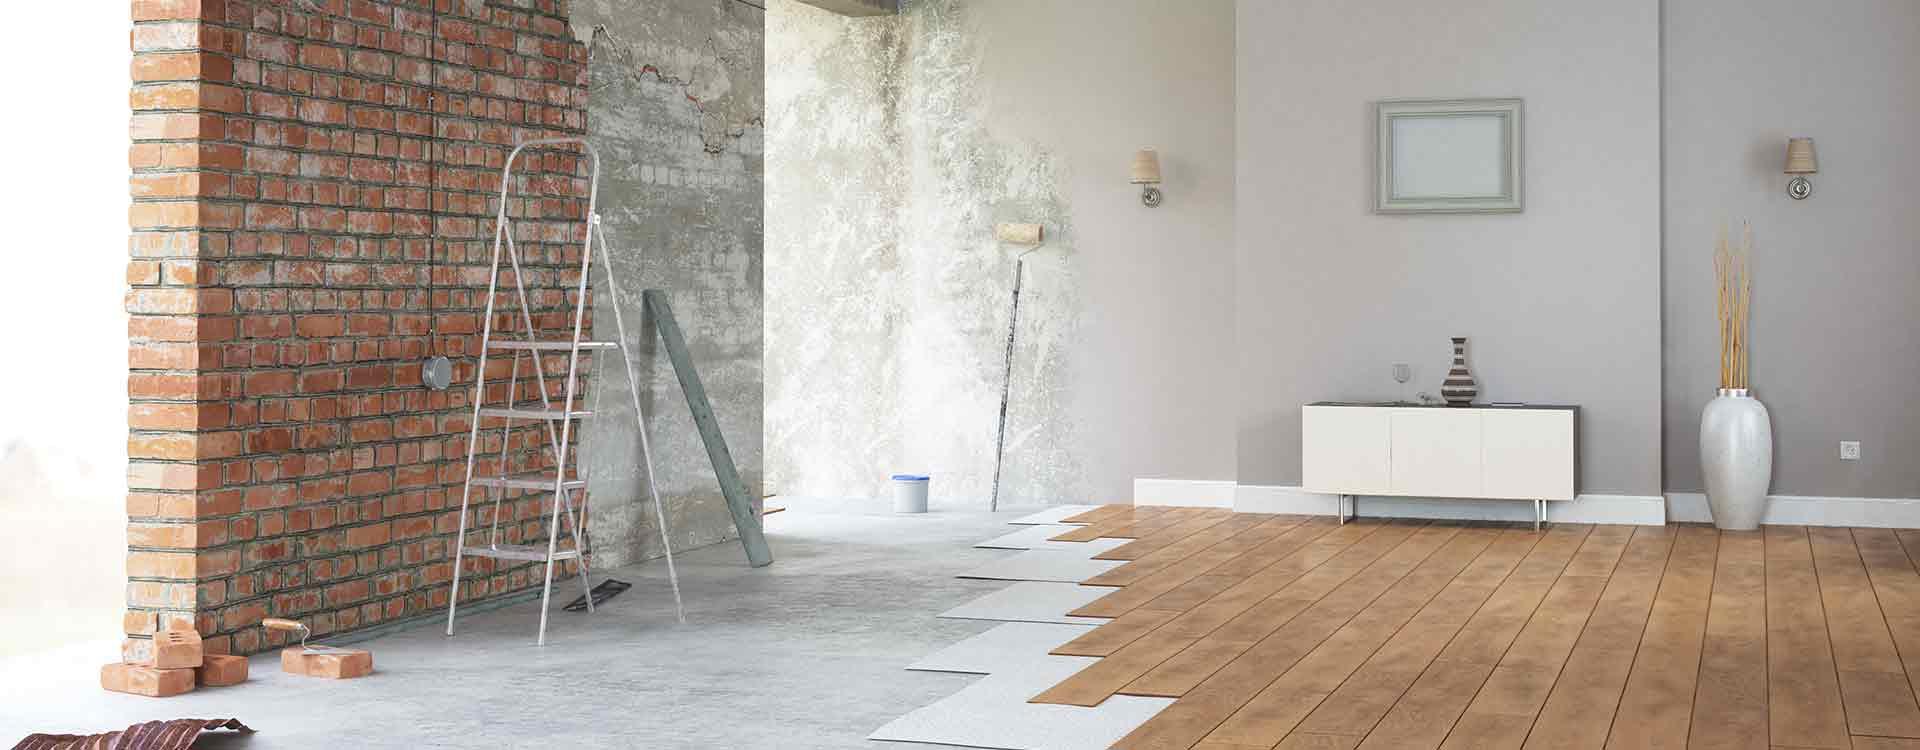 5M Deco | rénovation intérieure sur Vitry-sur-Seine